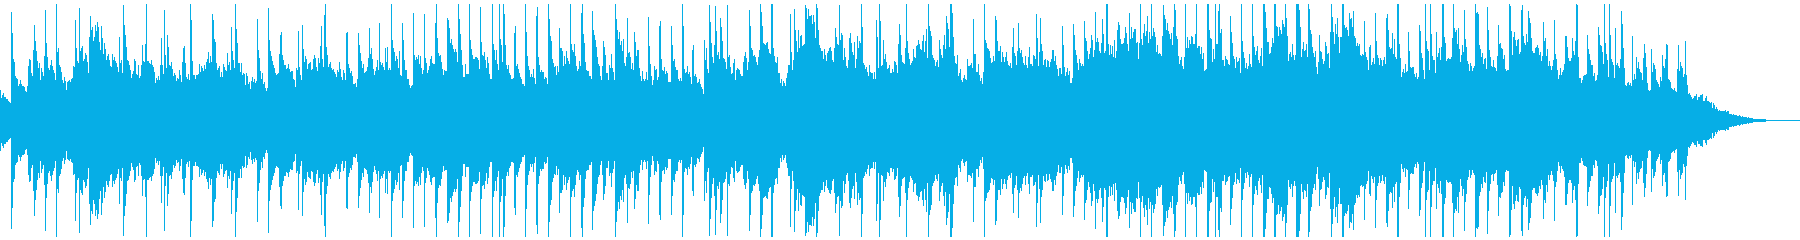 蛍の光 ジャジーなオーケストラアレンジの再生済みの波形